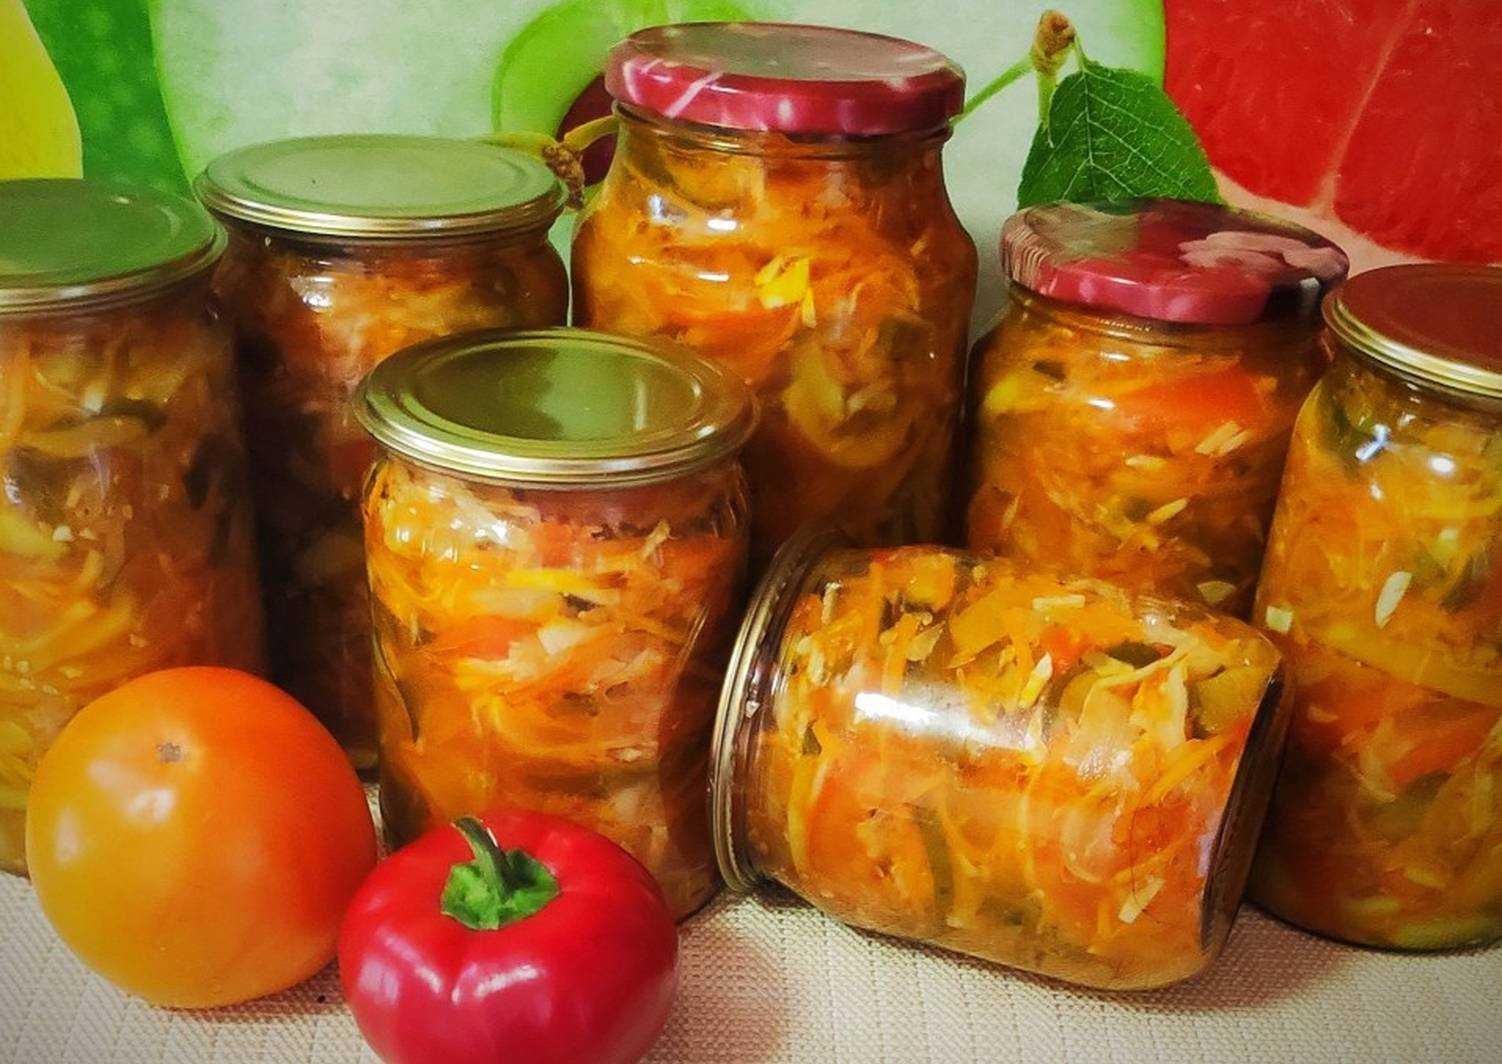 Как приготовить венгерский салат: поиск по ингредиентам, советы, отзывы, пошаговые фото, подсчет калорий, удобная печать, изменение порций, похожие рецепты